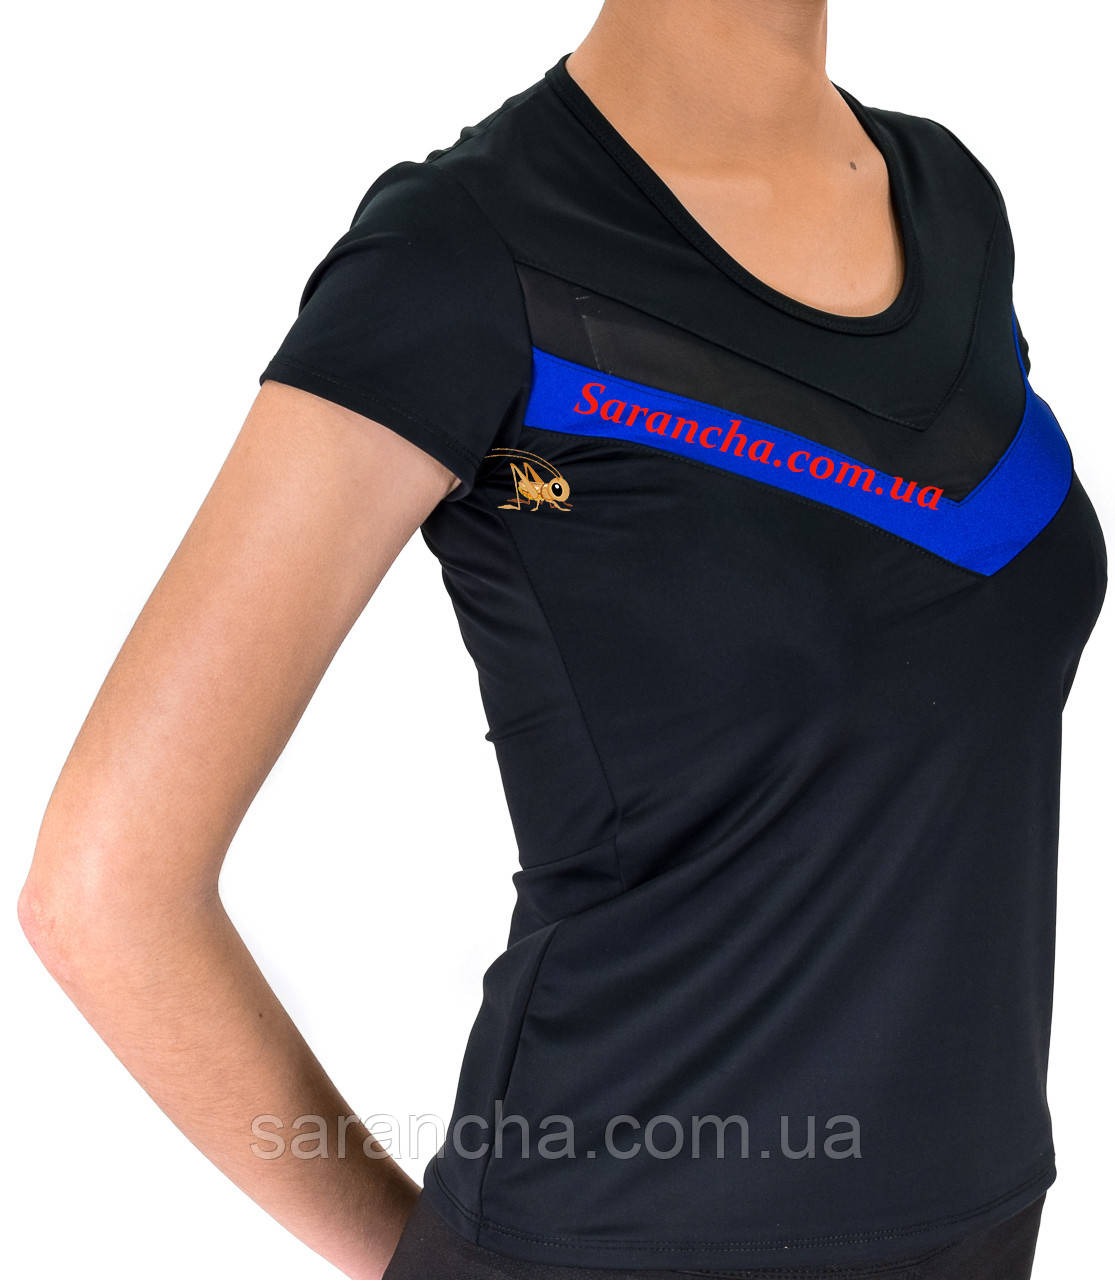 Женская футболка-стретч с коротким рукавом